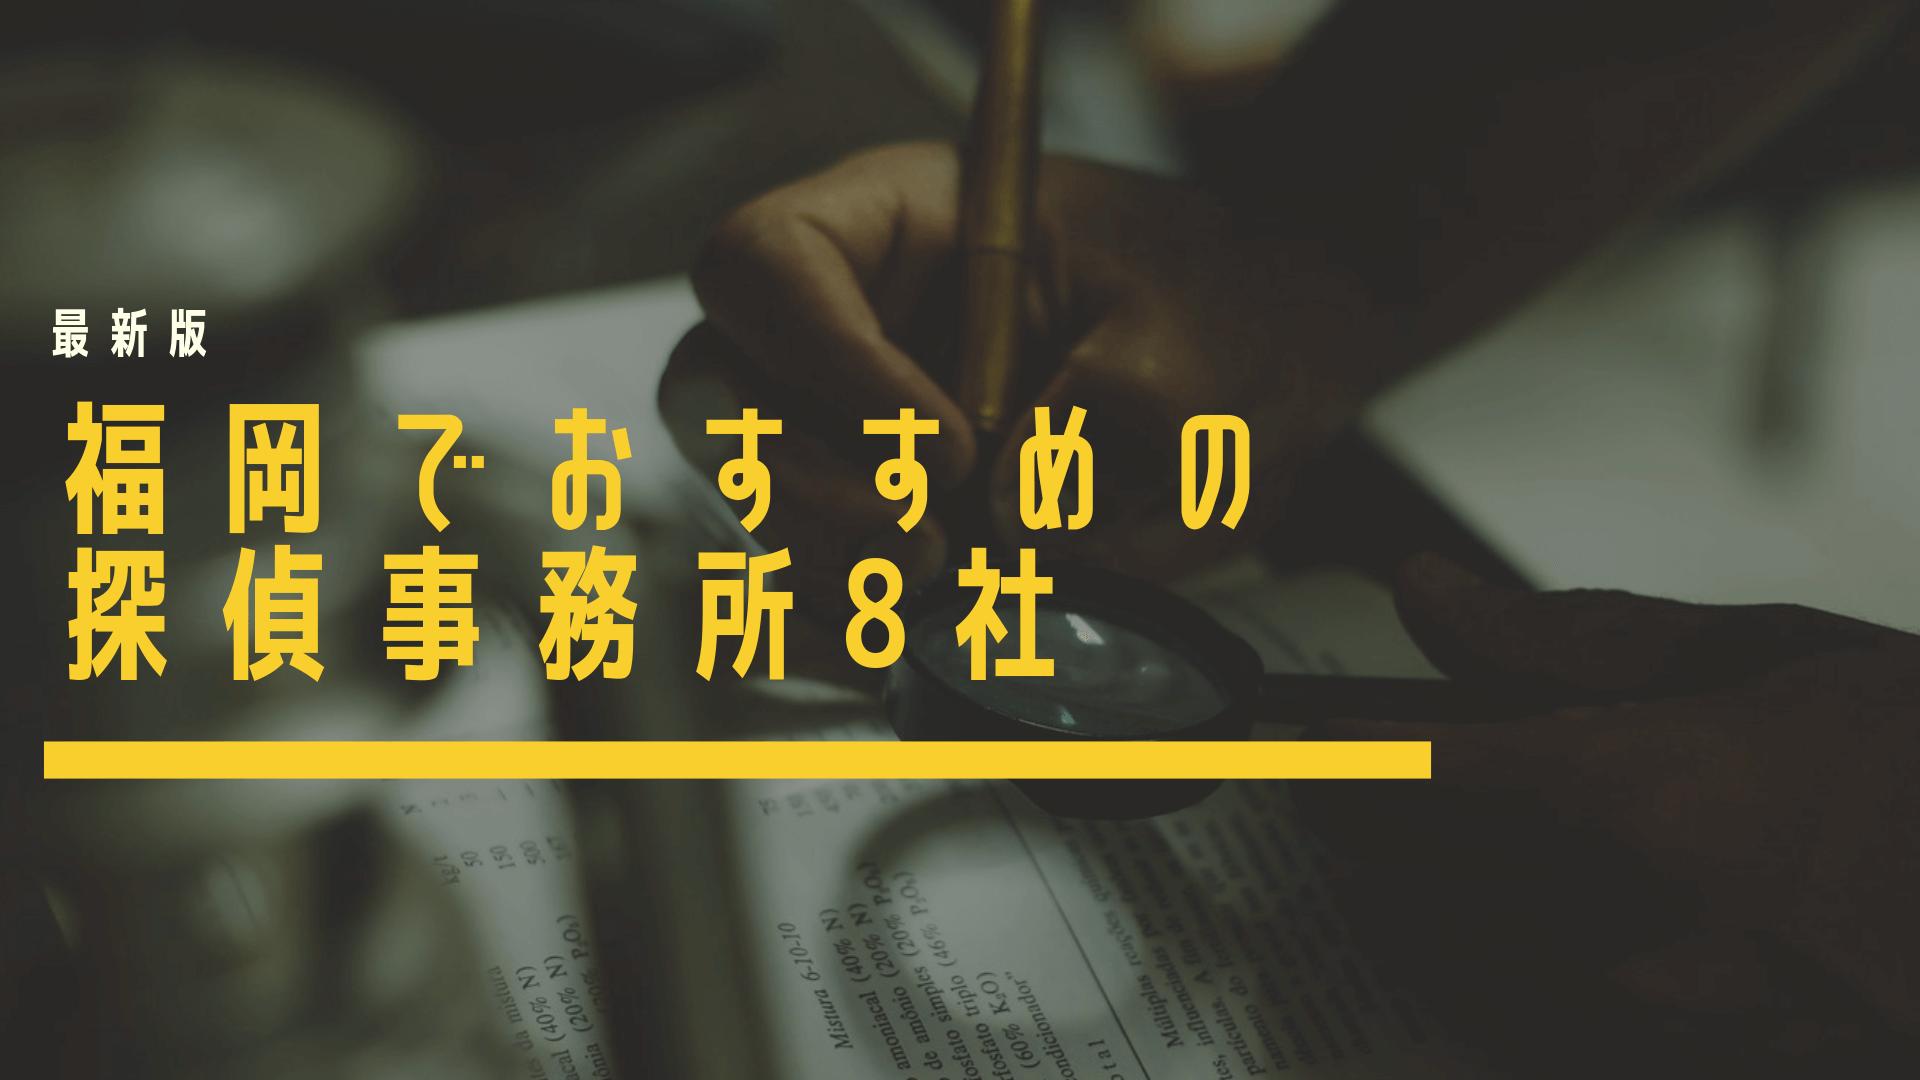 福岡でおすすめの探偵事務所・興信所8社を徹底比較